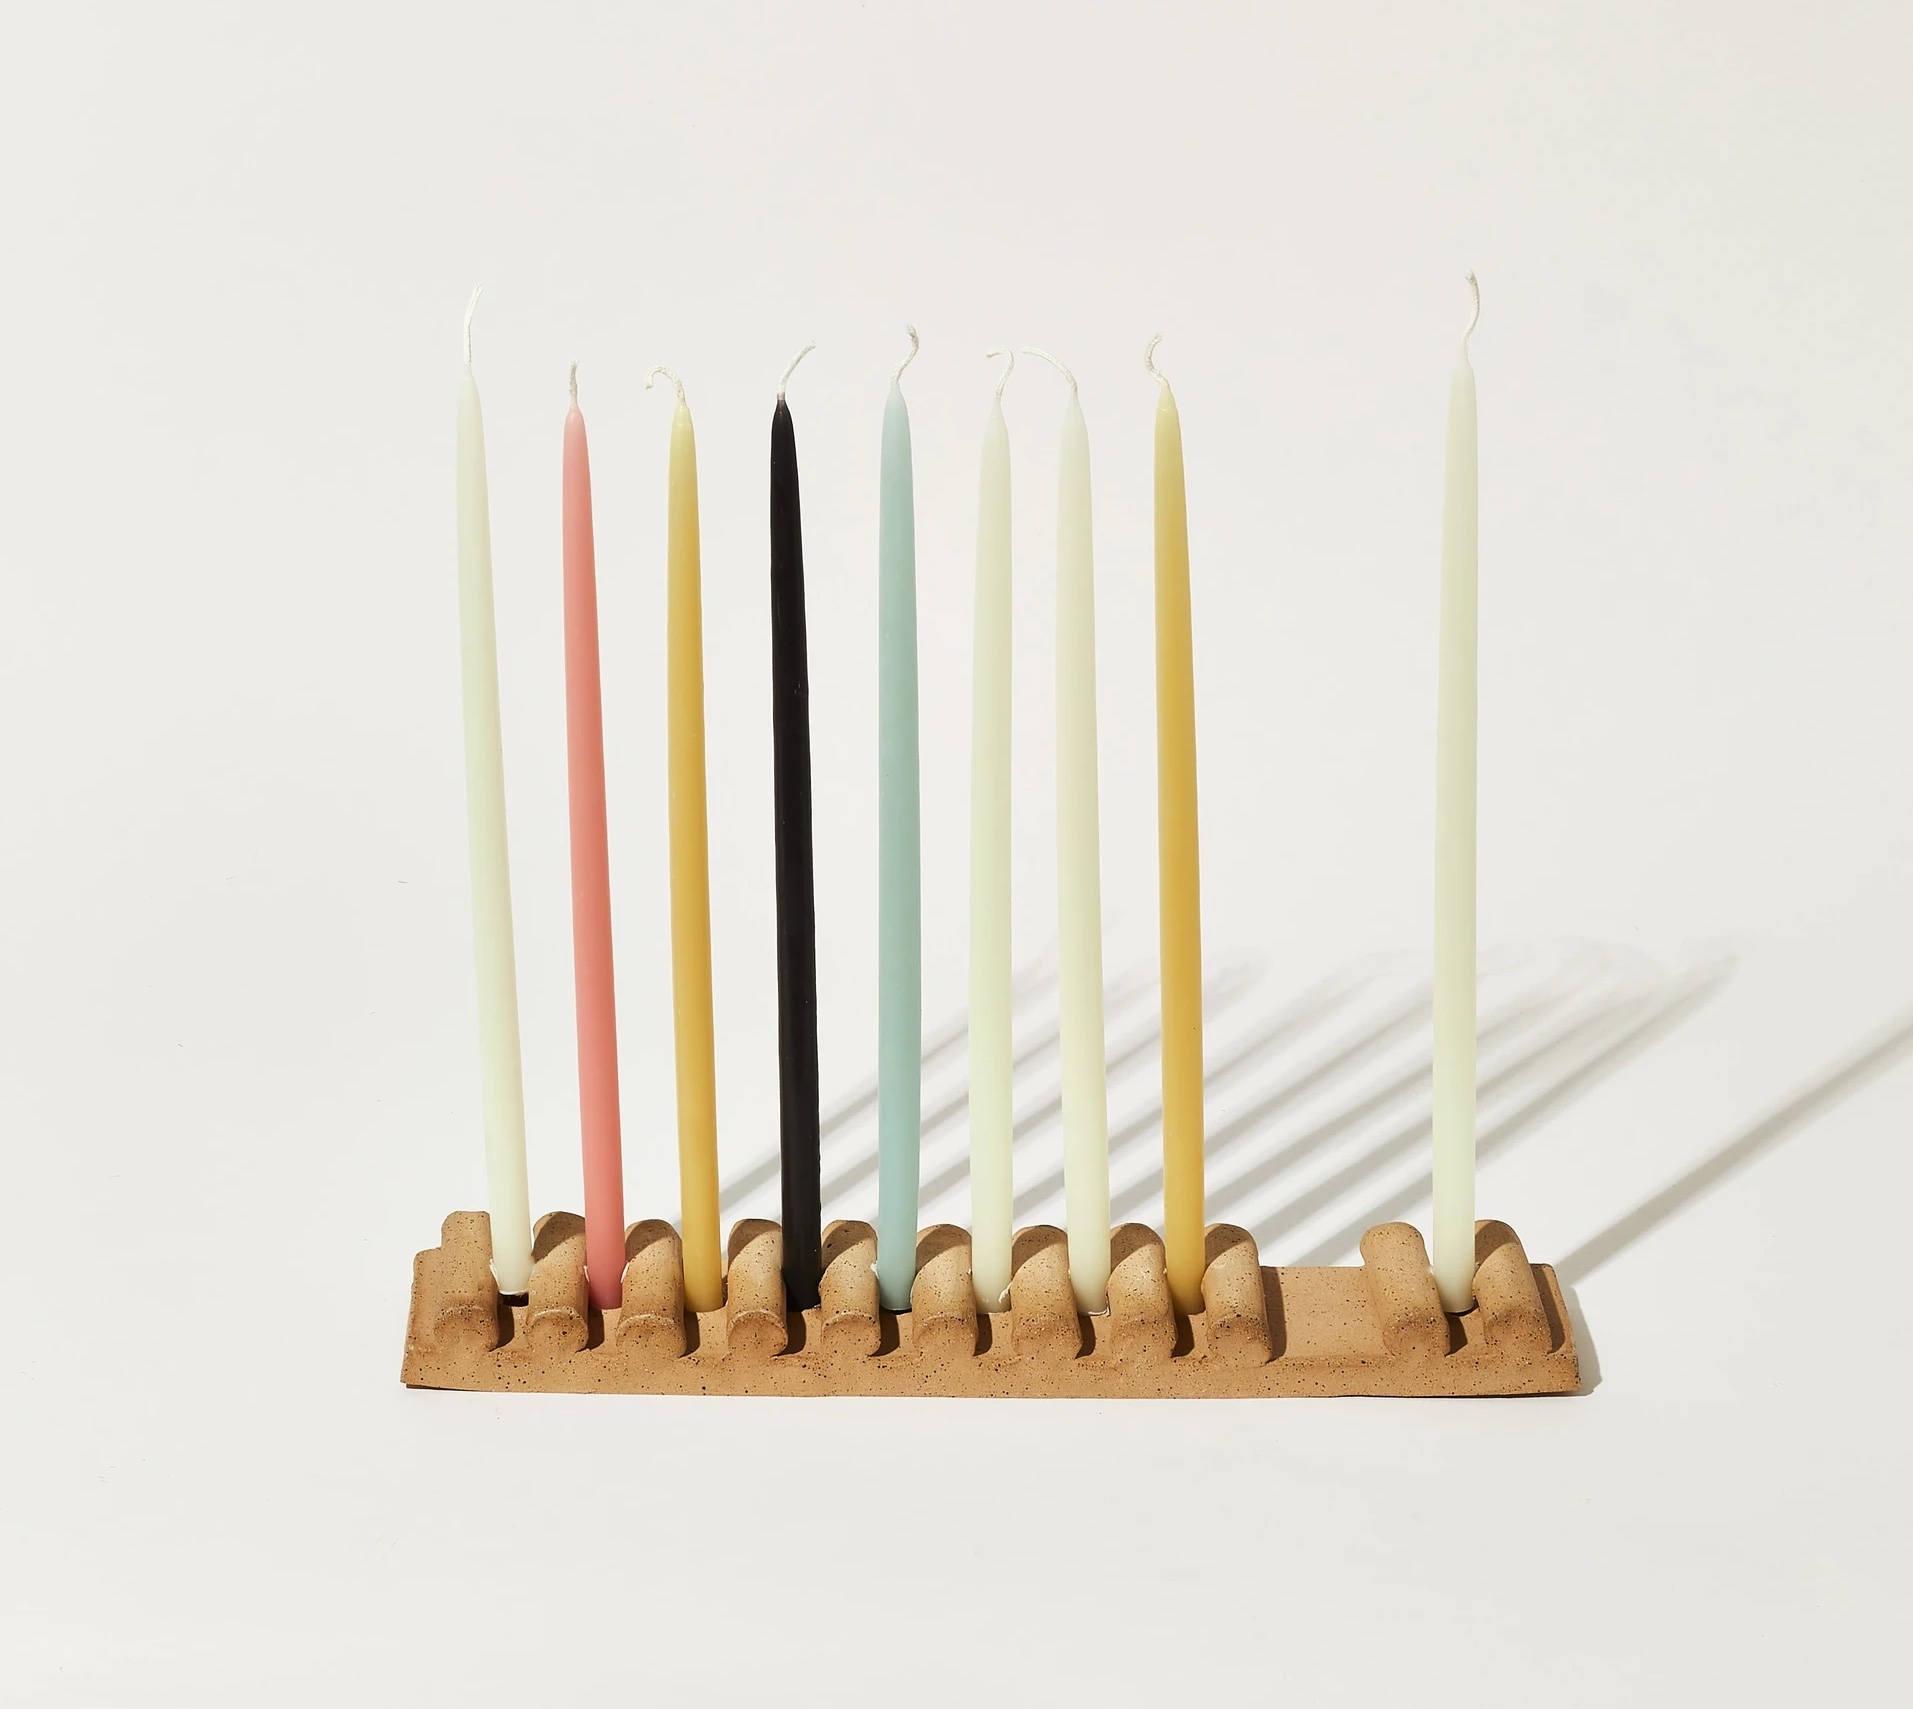 5 Favorite Menorahs for a Handmade Hanukkah 2020